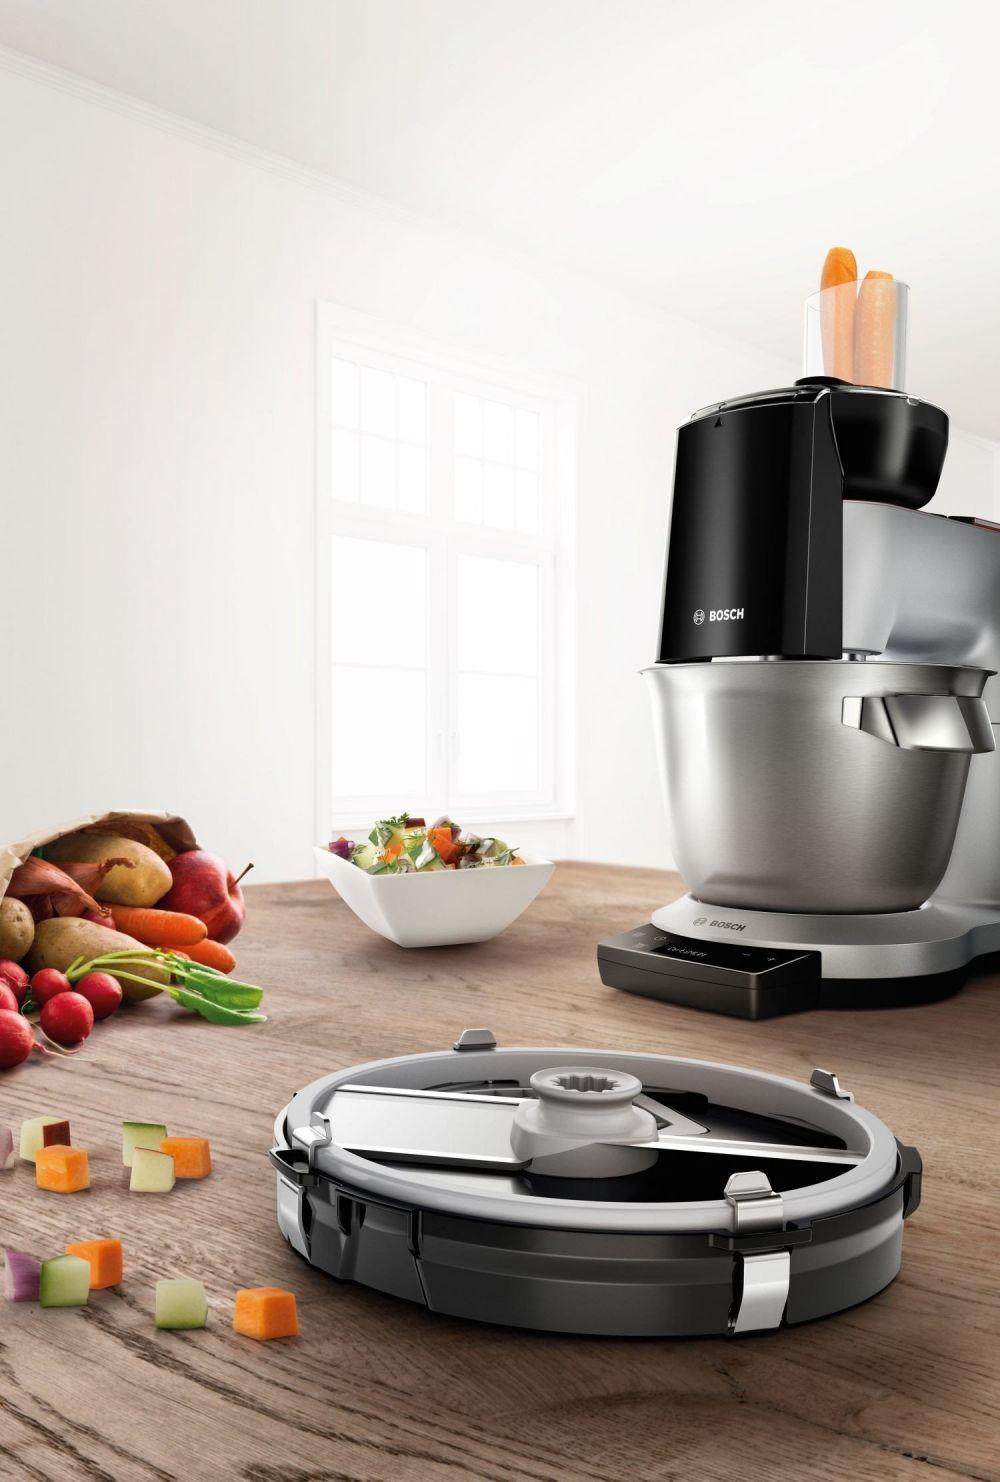 robot kuchnenny z przystawką do siekania warzyw i owoców, sałatka w białej misce na stole